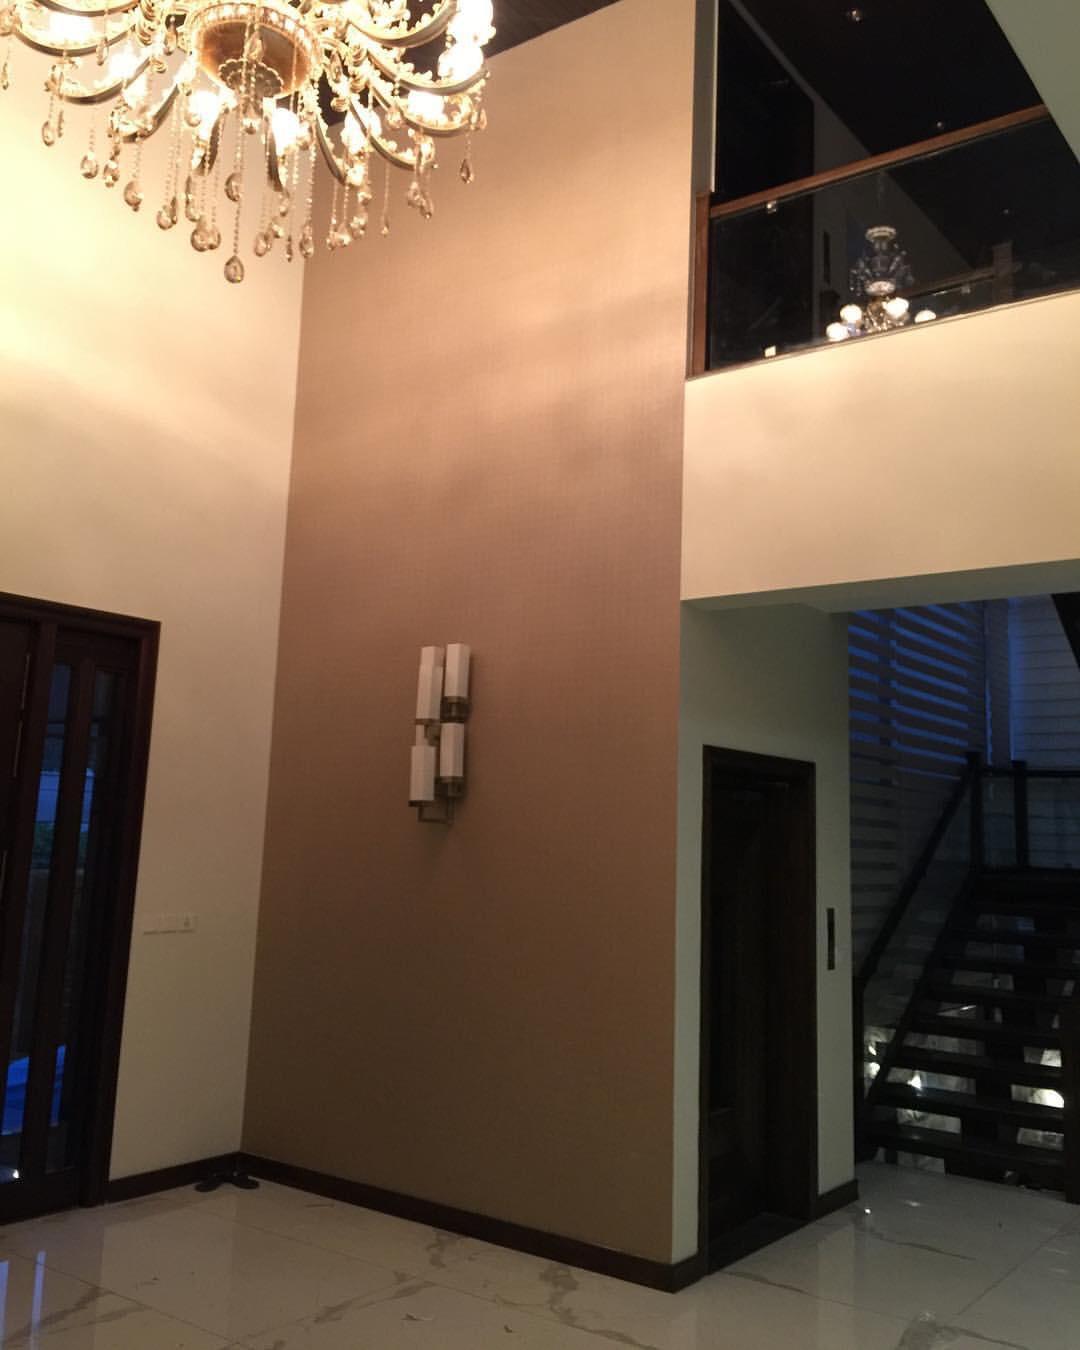 Wallpapers Wall Coveringswindow Blindswooden Floor